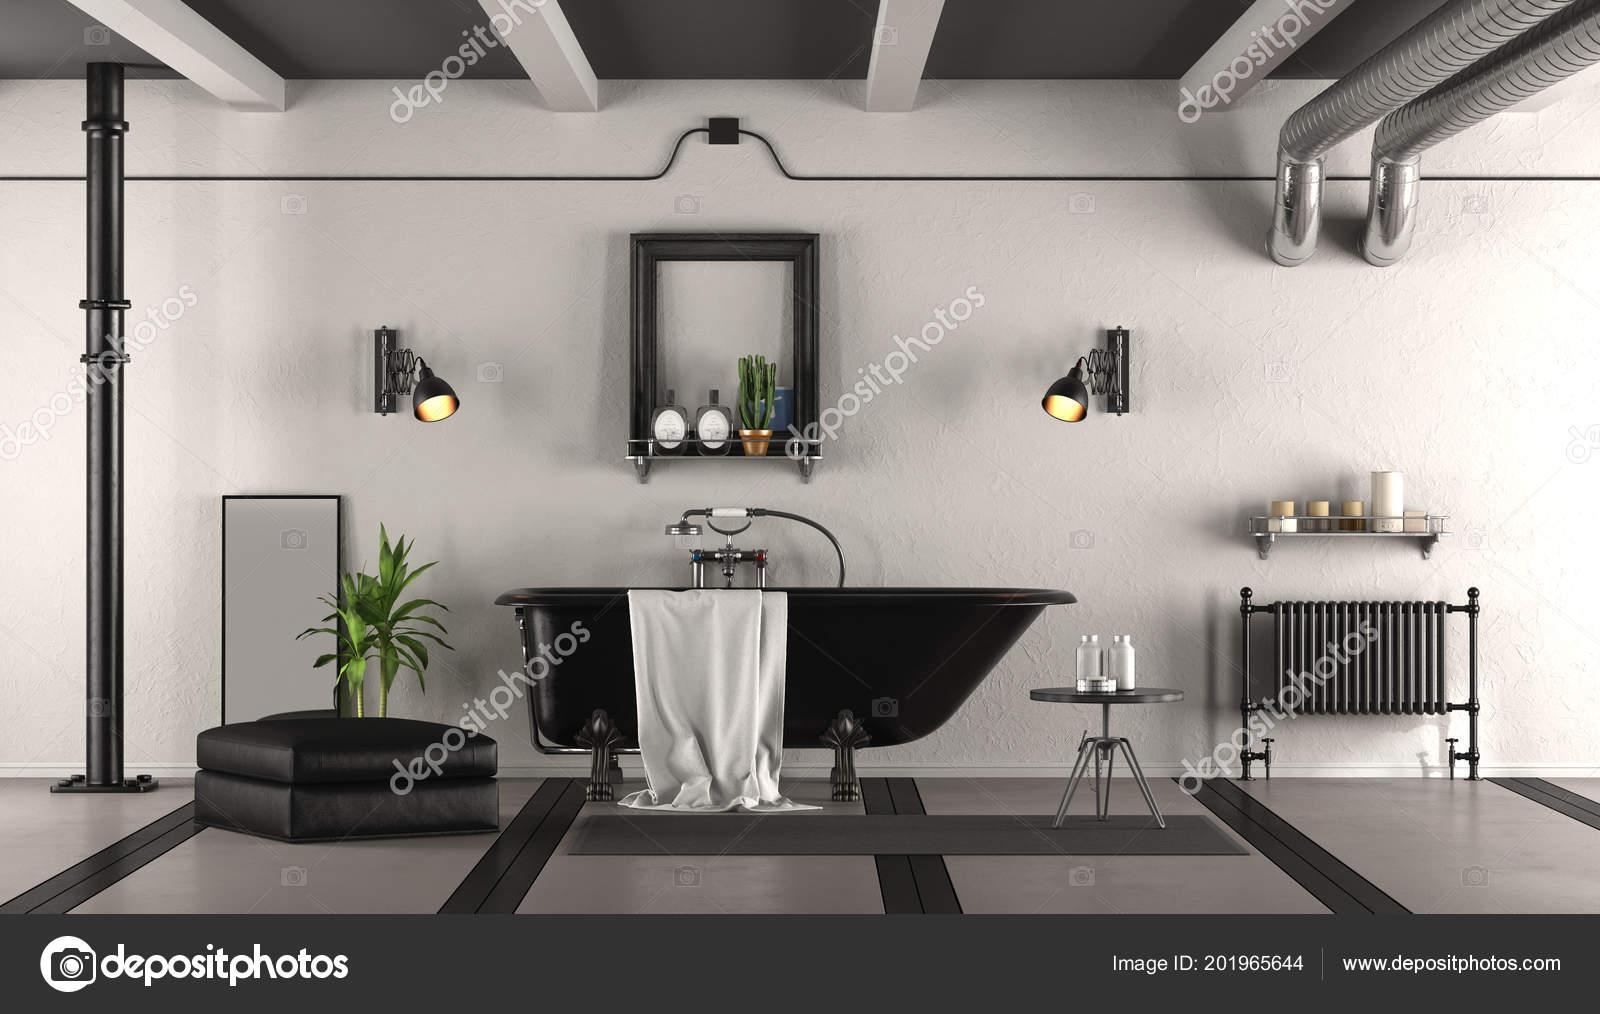 Schwarz Weiß Retro Bad Mit Klassischen Badewanne Rendering